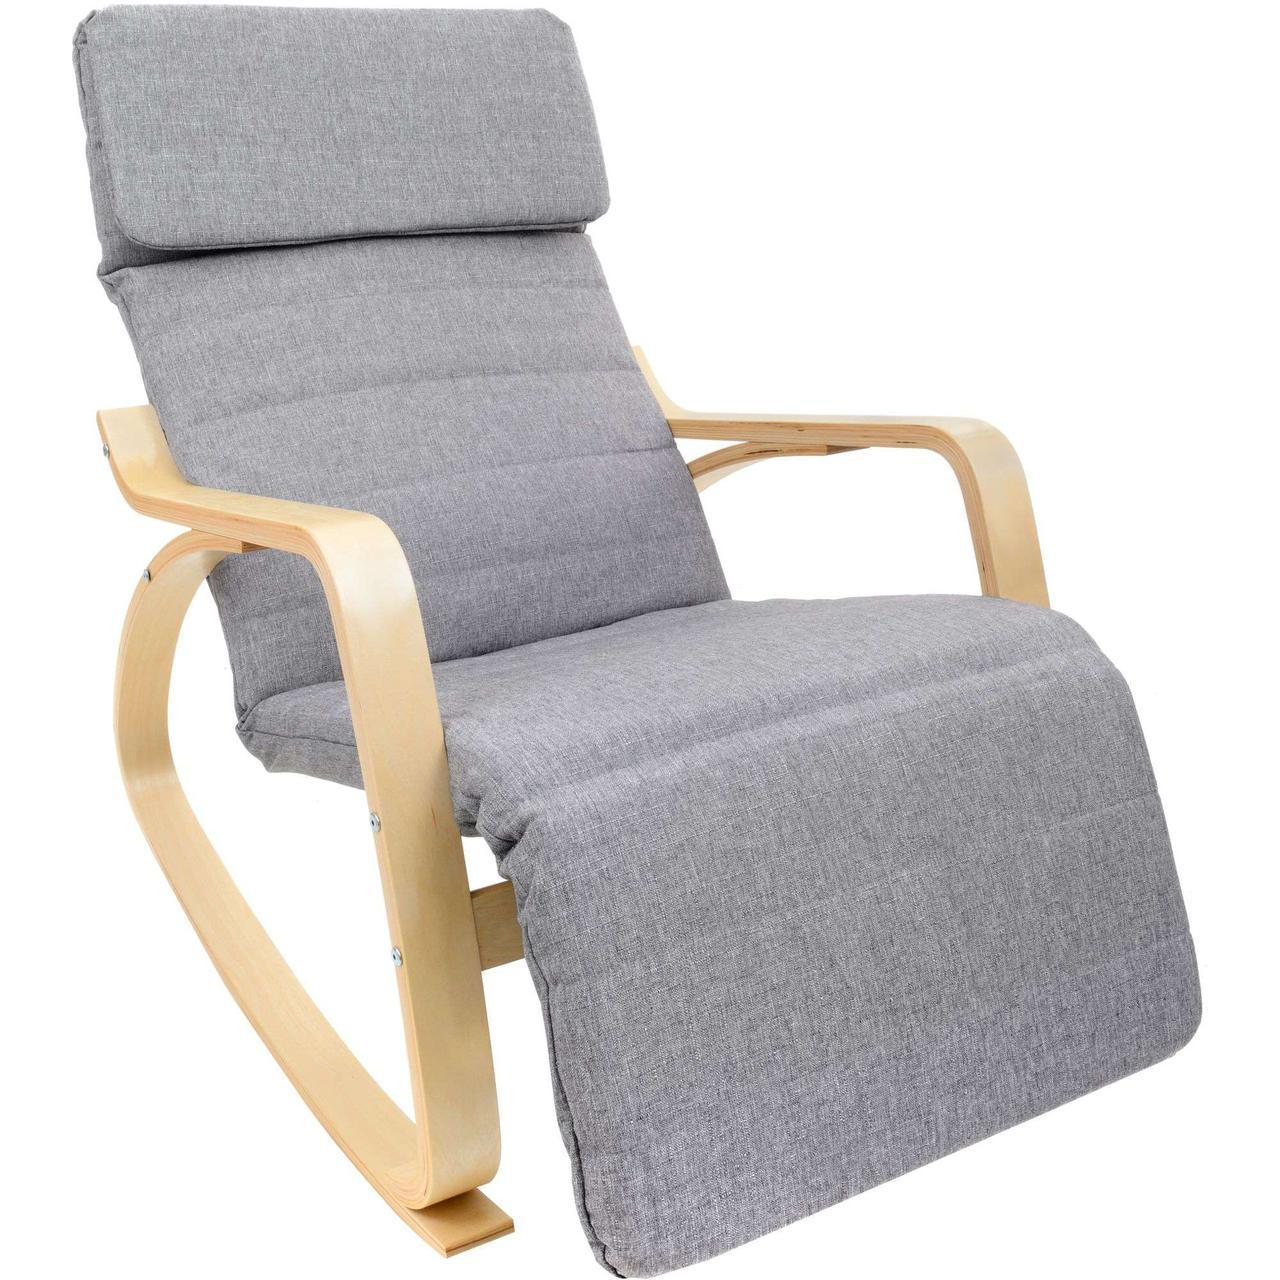 Крісло качалка Vecotti Oskar для відпочинку з підставкою для ніг сірий